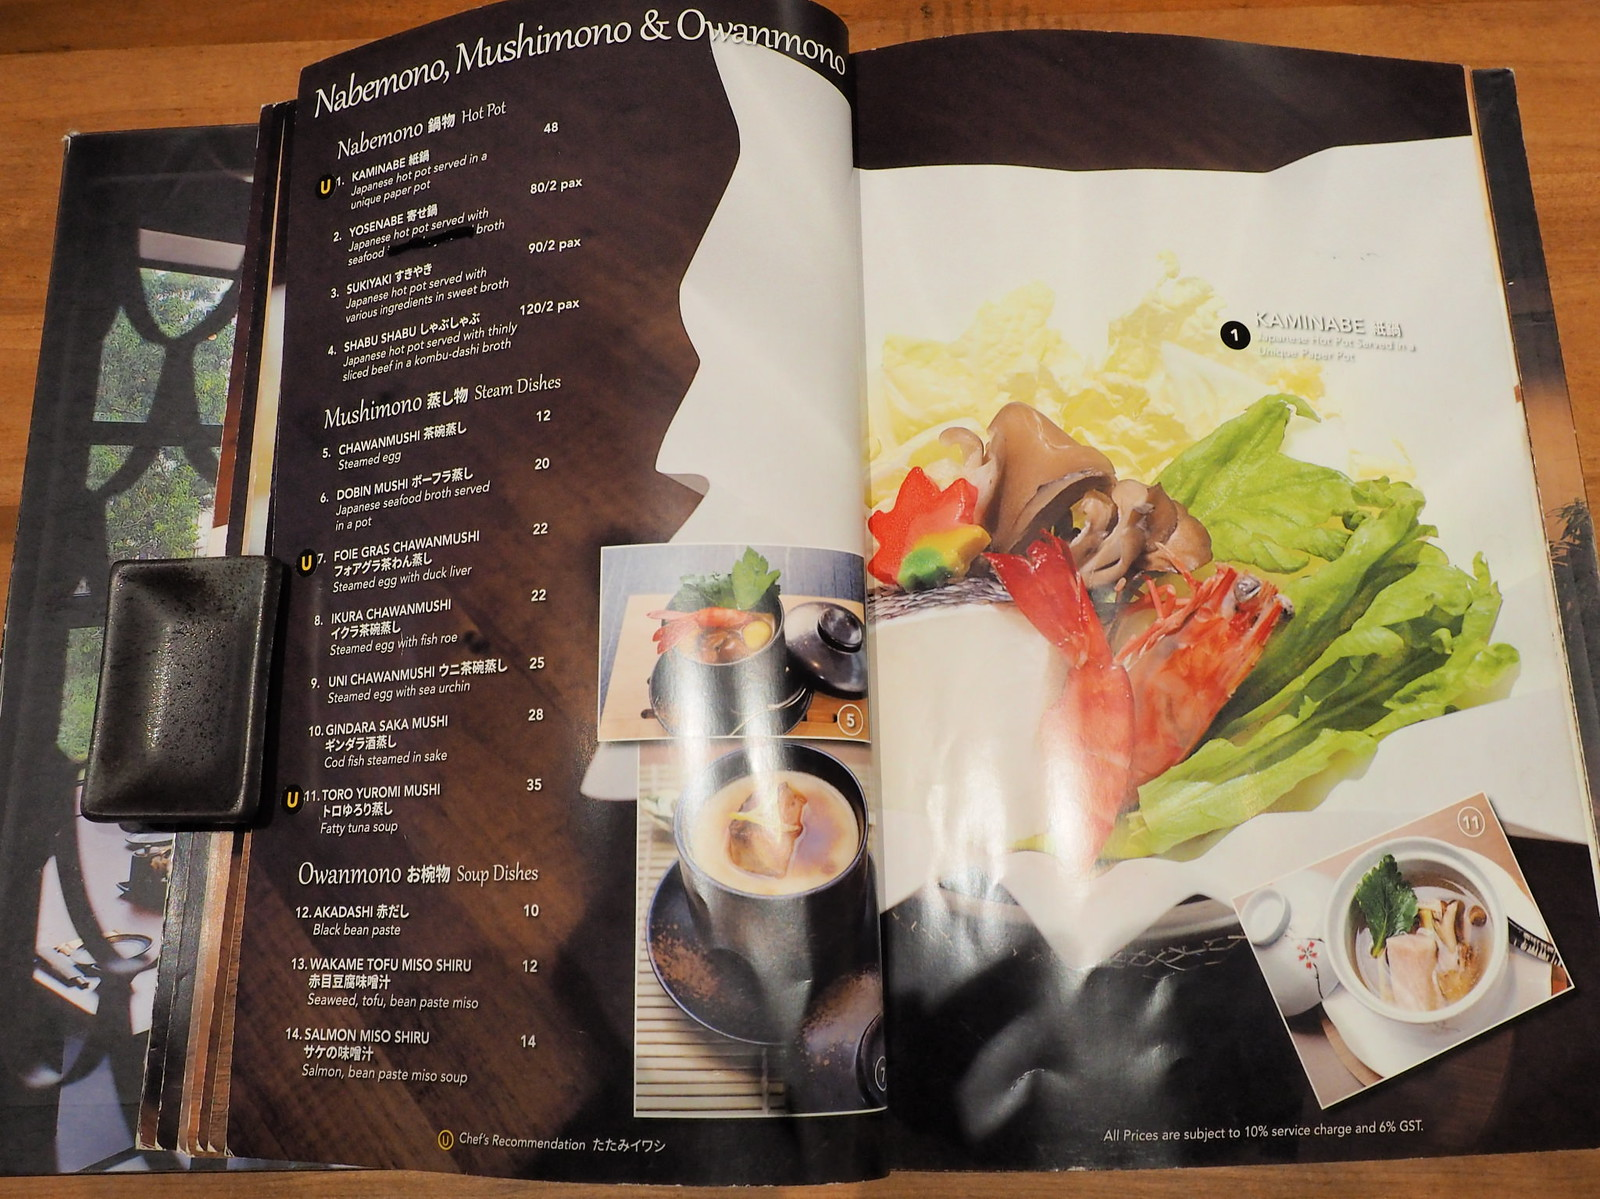 Nabemono, Mushimono & Owanmono menu